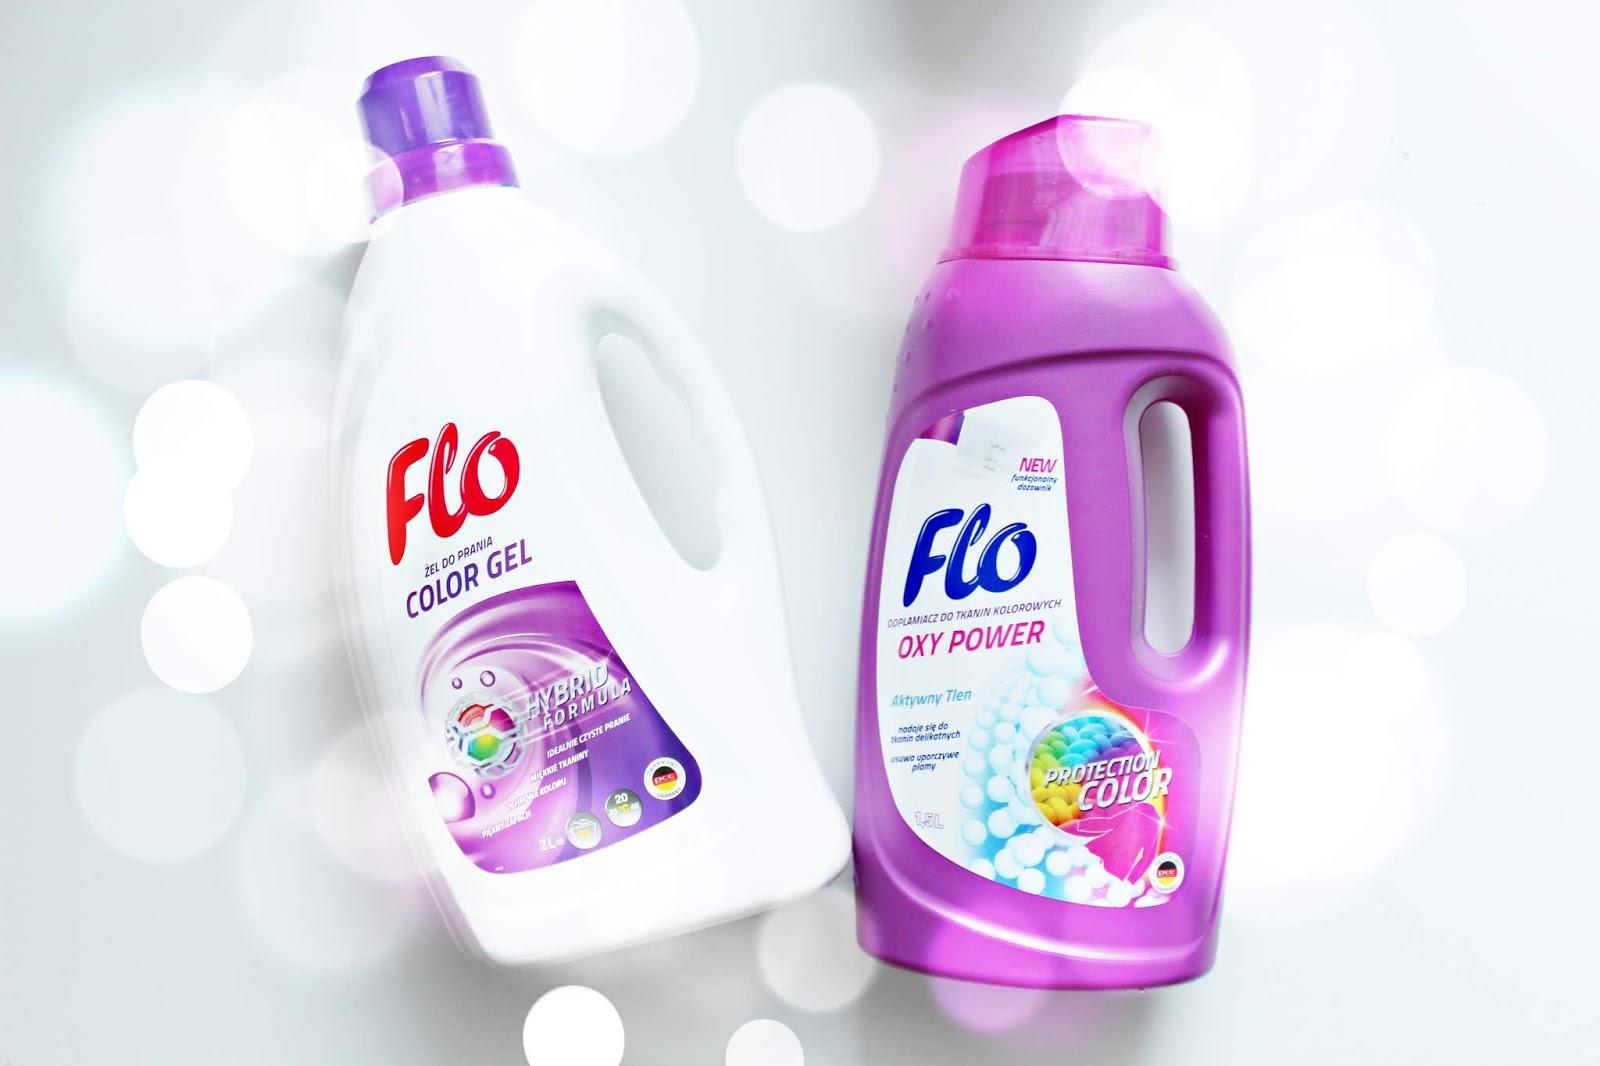 FLO Hybrid Color i FLO Oxy Power - świeże i czyste pranie